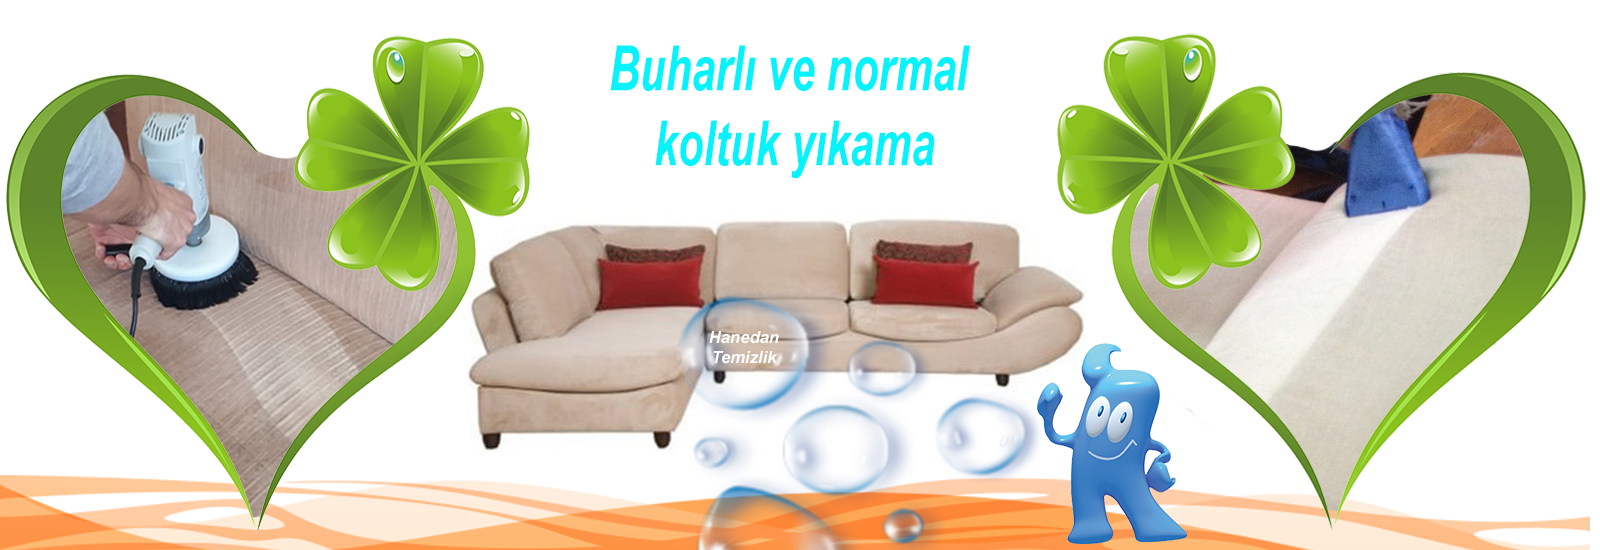 banner koltuk 2